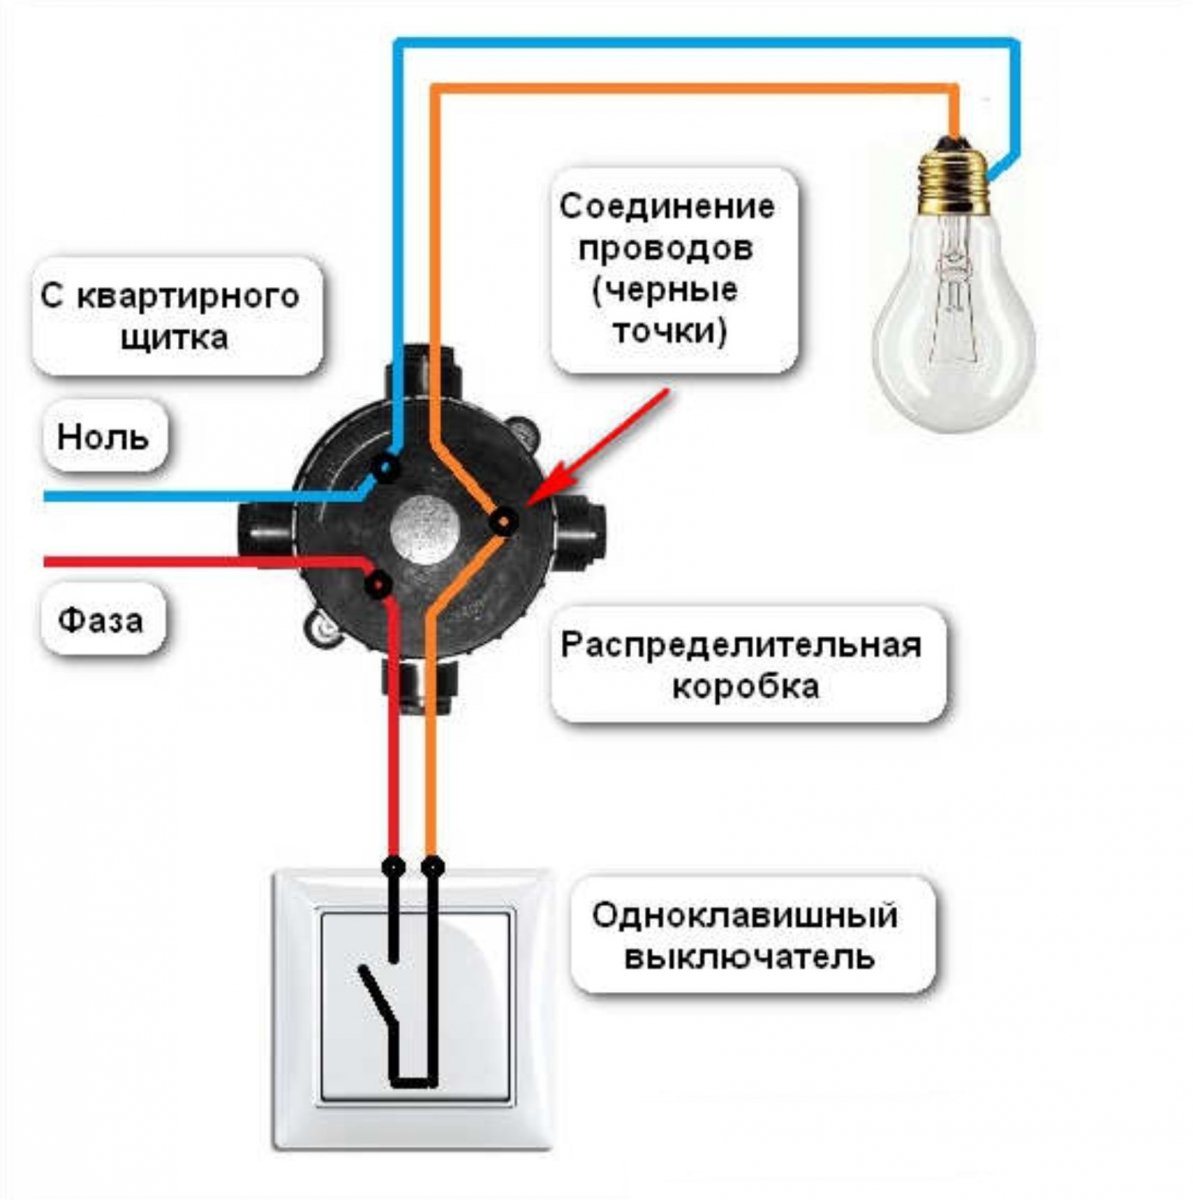 Как сделать коробку для выключателя